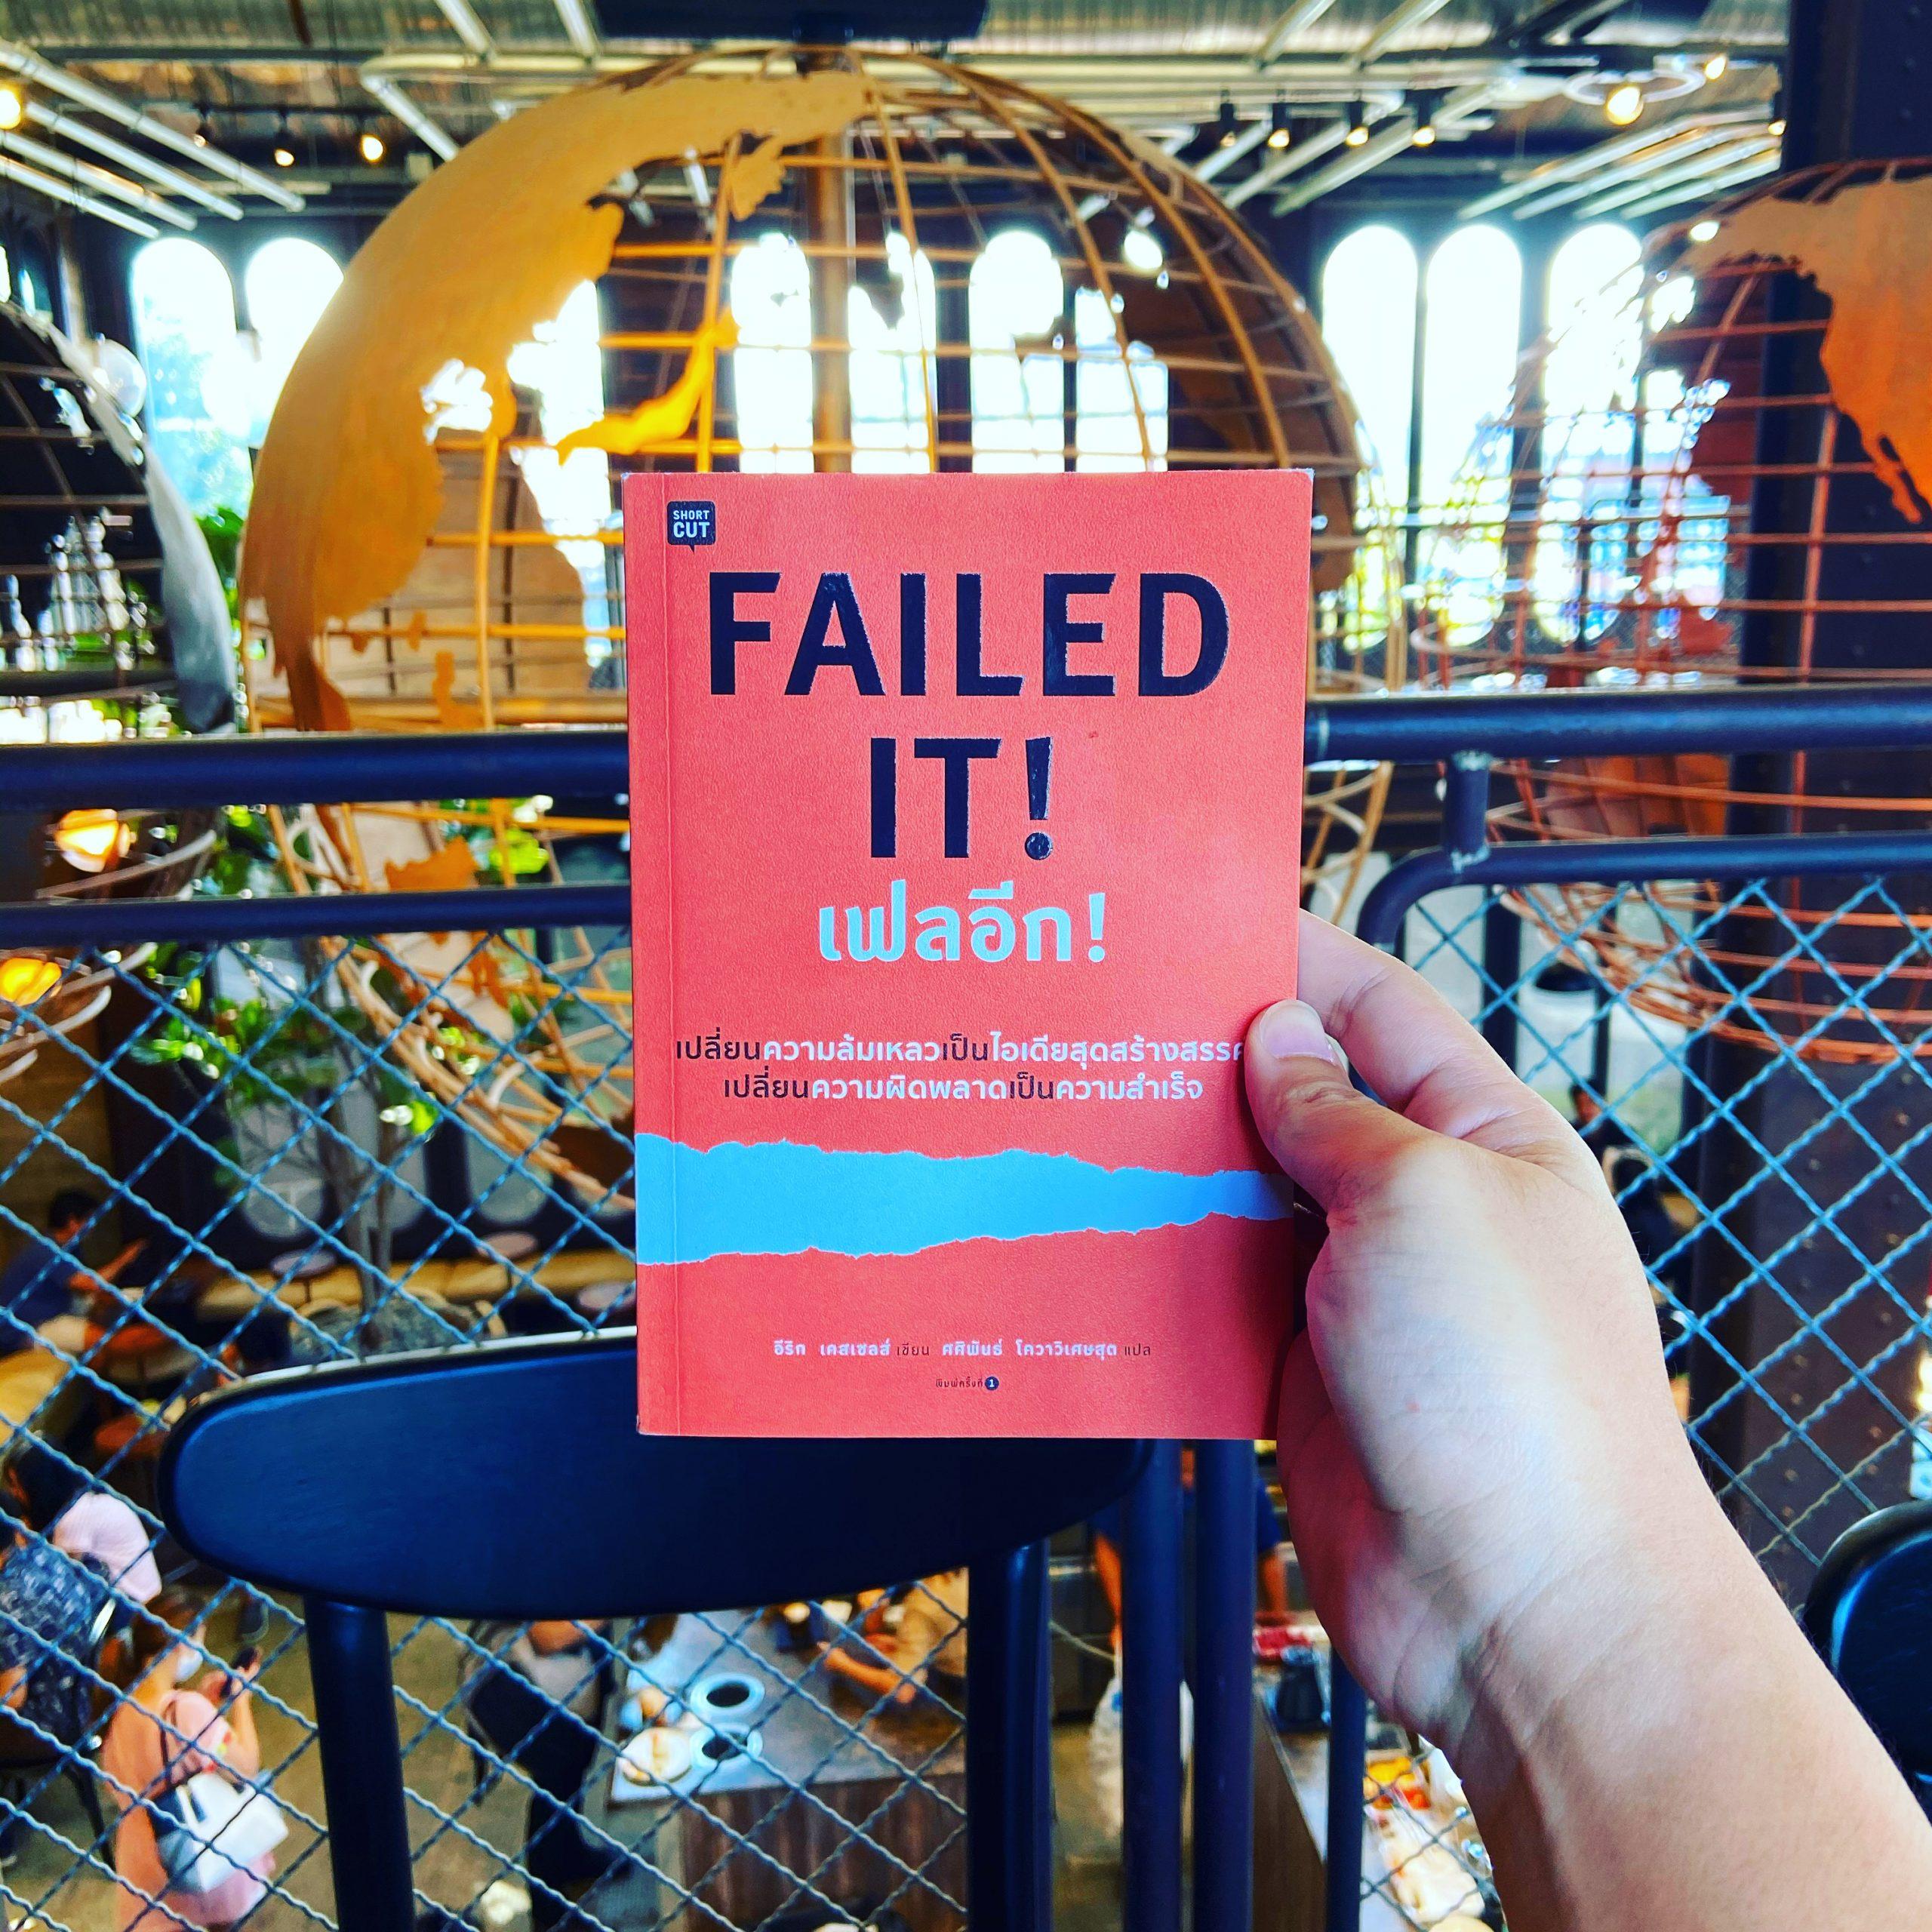 สรุปหนังสือ FAILED IT! เฟลอีก! เปลี่ยนความล้มเหลวเป็นไอเดียสุดสร้างสรรค์ เปลี่ยนความผิดพลาดเป็นความสำเร็จ หนังสือแนะนำด้าน Creativity